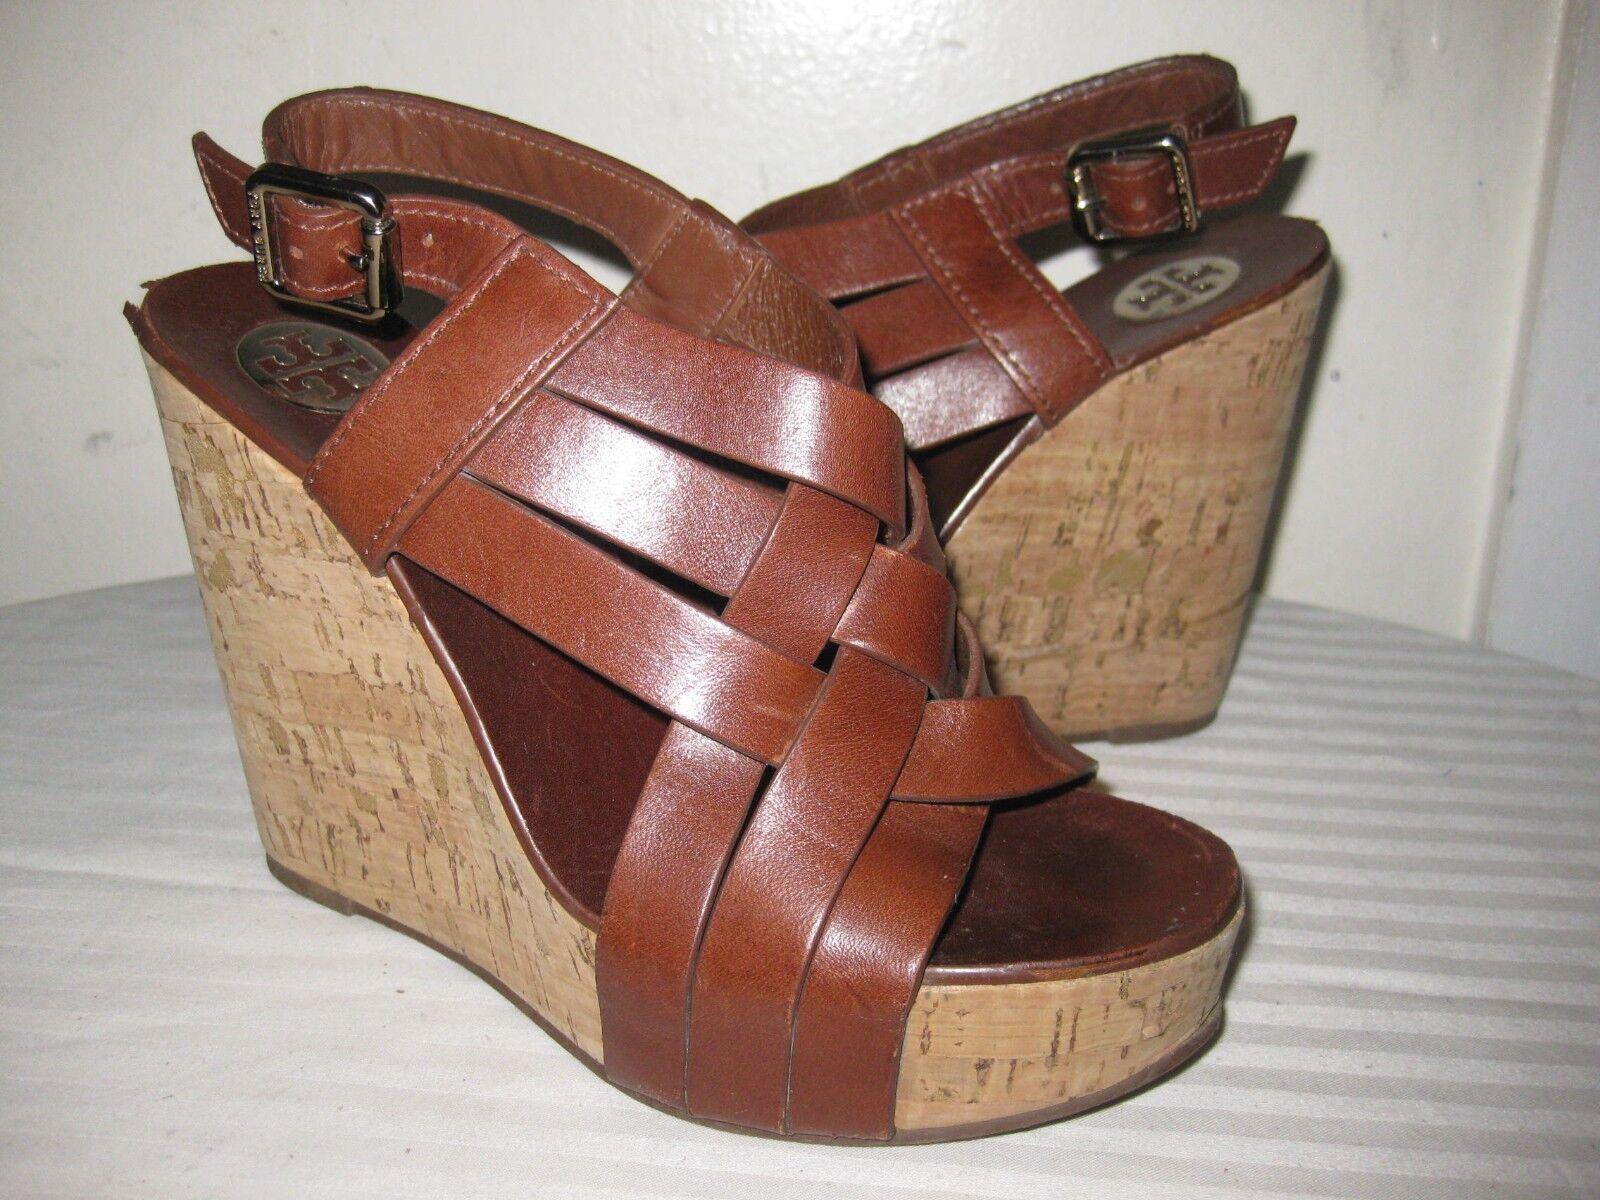 all'ingrosso a buon mercato TORY BURCH Leather Marrone  Strappy Cork Wedge Sandals scarpe scarpe scarpe Donna   Dimensione 6.5 M  prezzi all'ingrosso